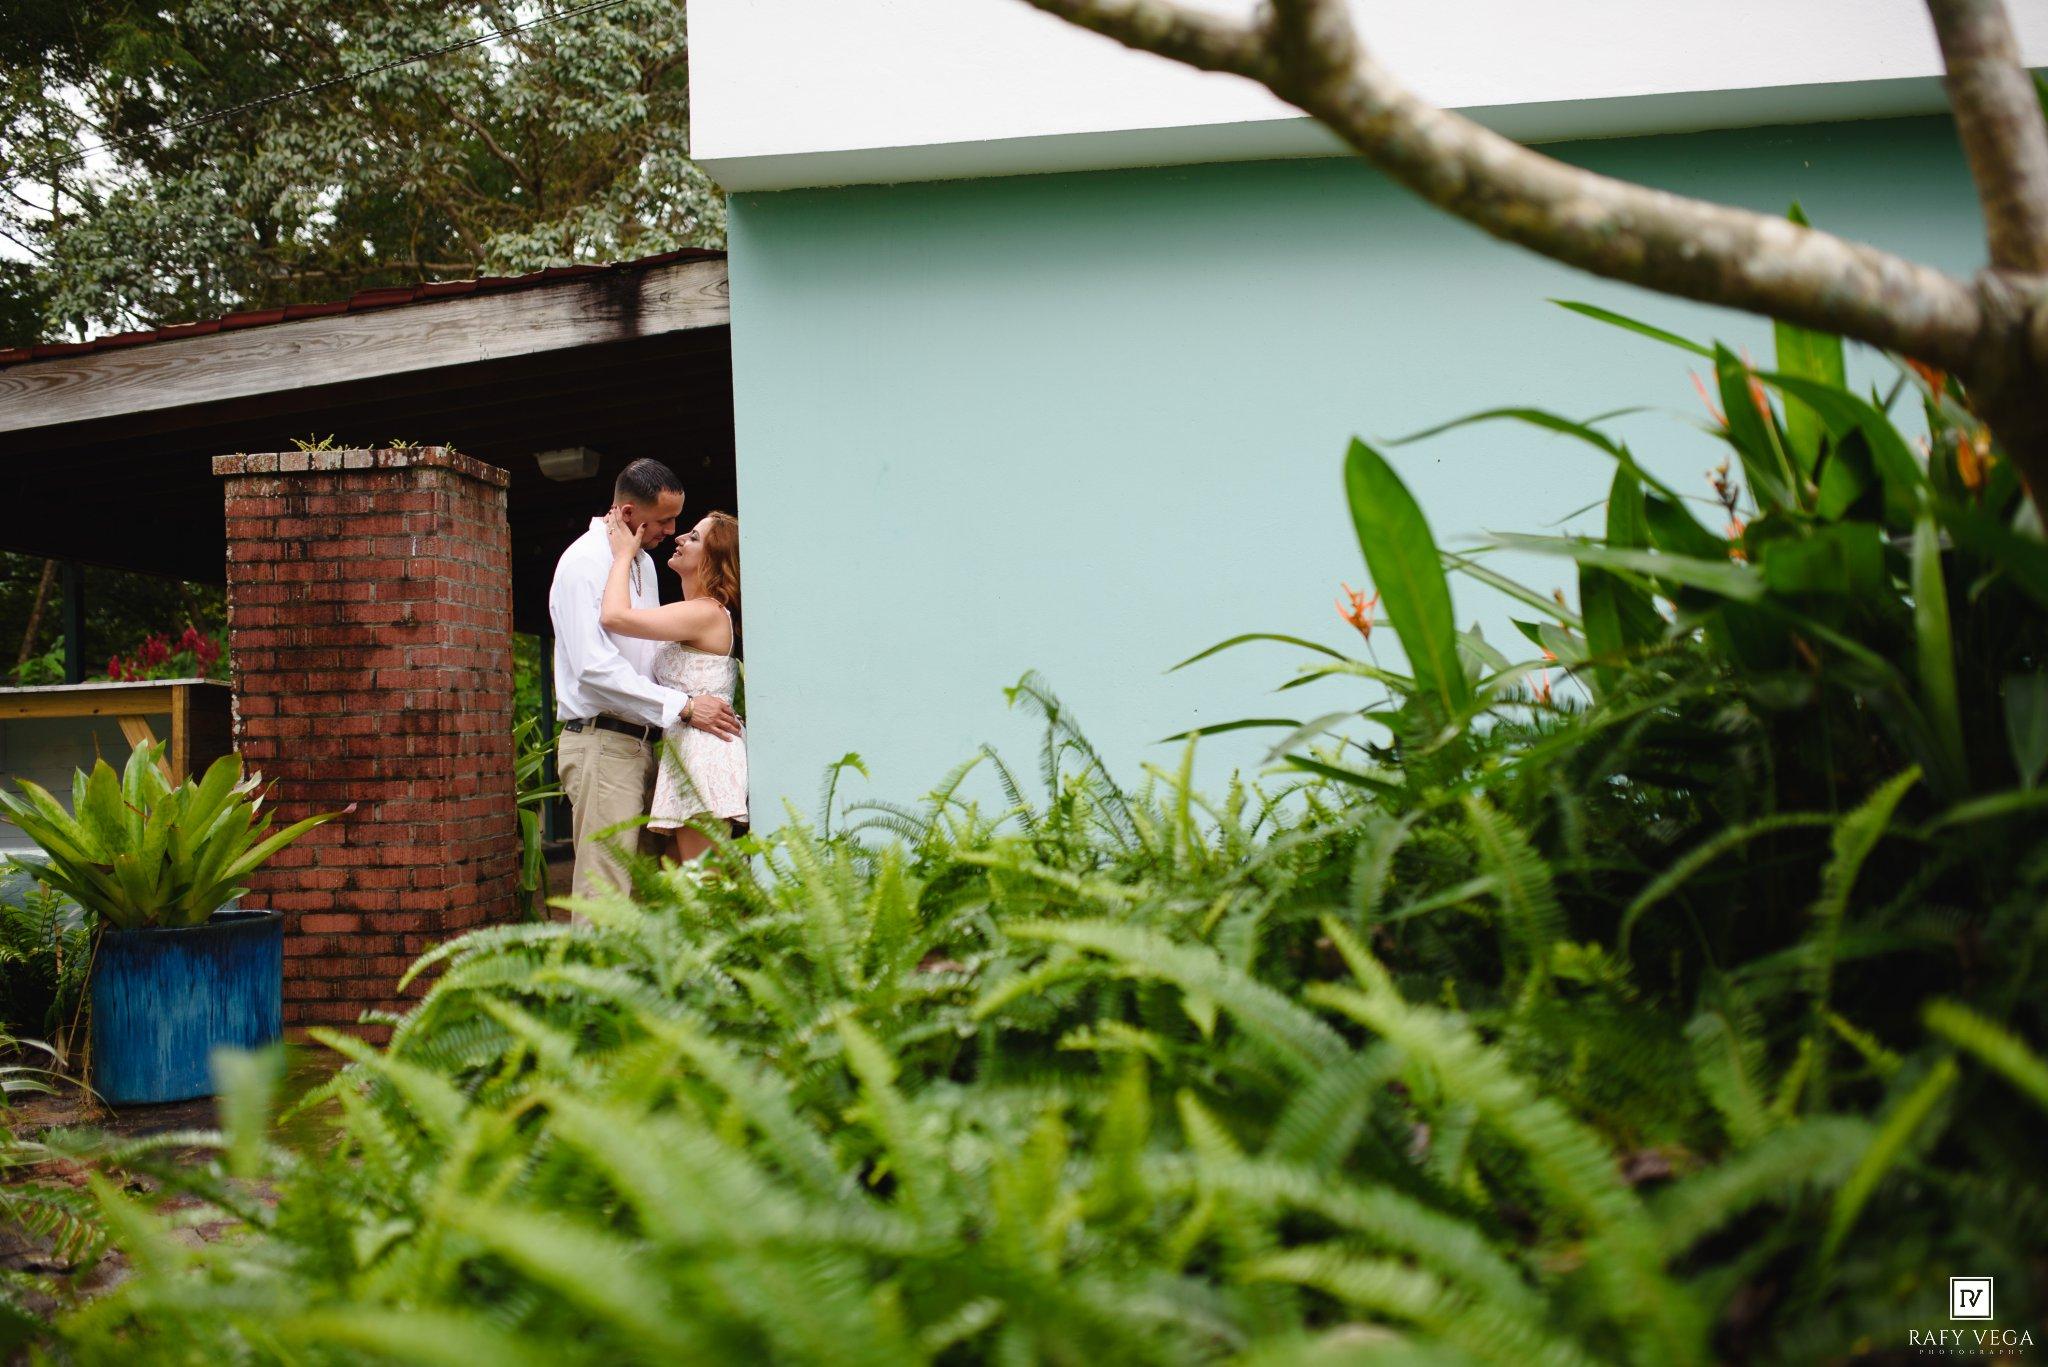 Una historia de amor en el jard n bot nico de caguas for Amor en el jardin